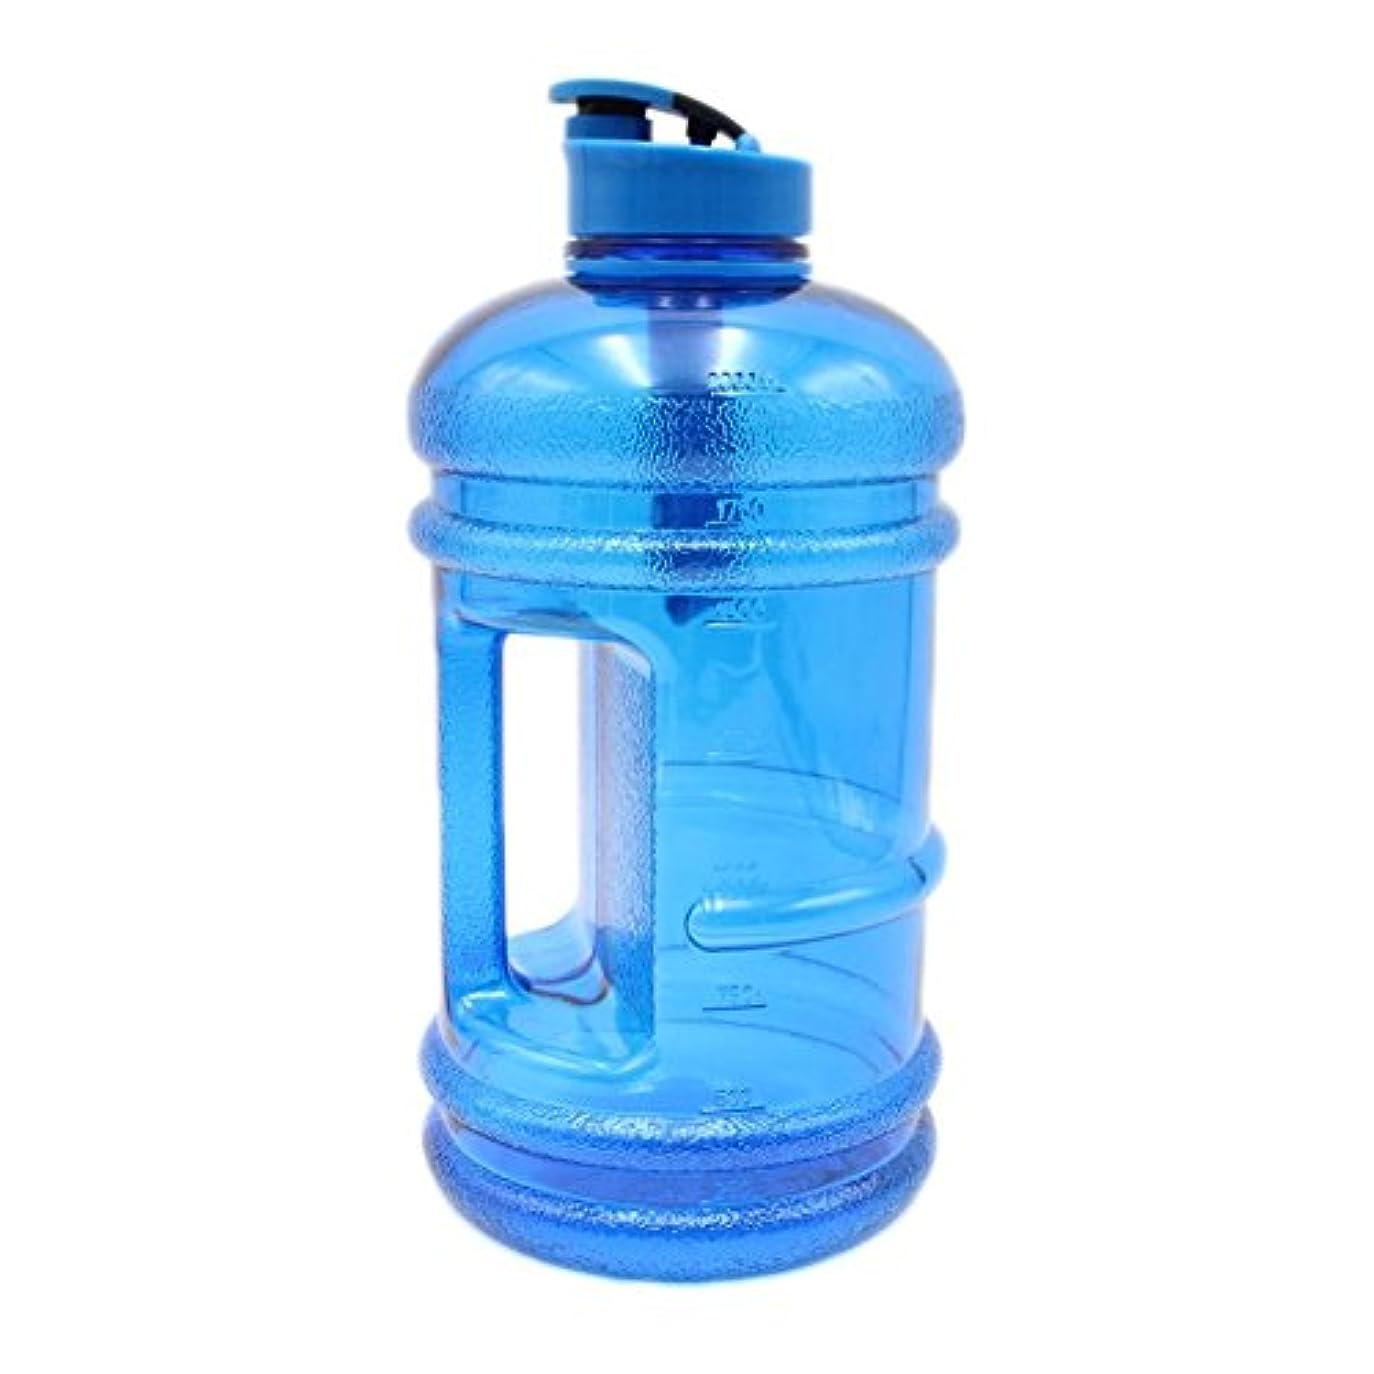 現代縮約レンディションスポーツボトル PETG製 大容量 2.2L 水ボトル 透明 水分補給 軽量 ジャグ 漏れ防止 ドリンク対応 5色選べる hjuns-Wu